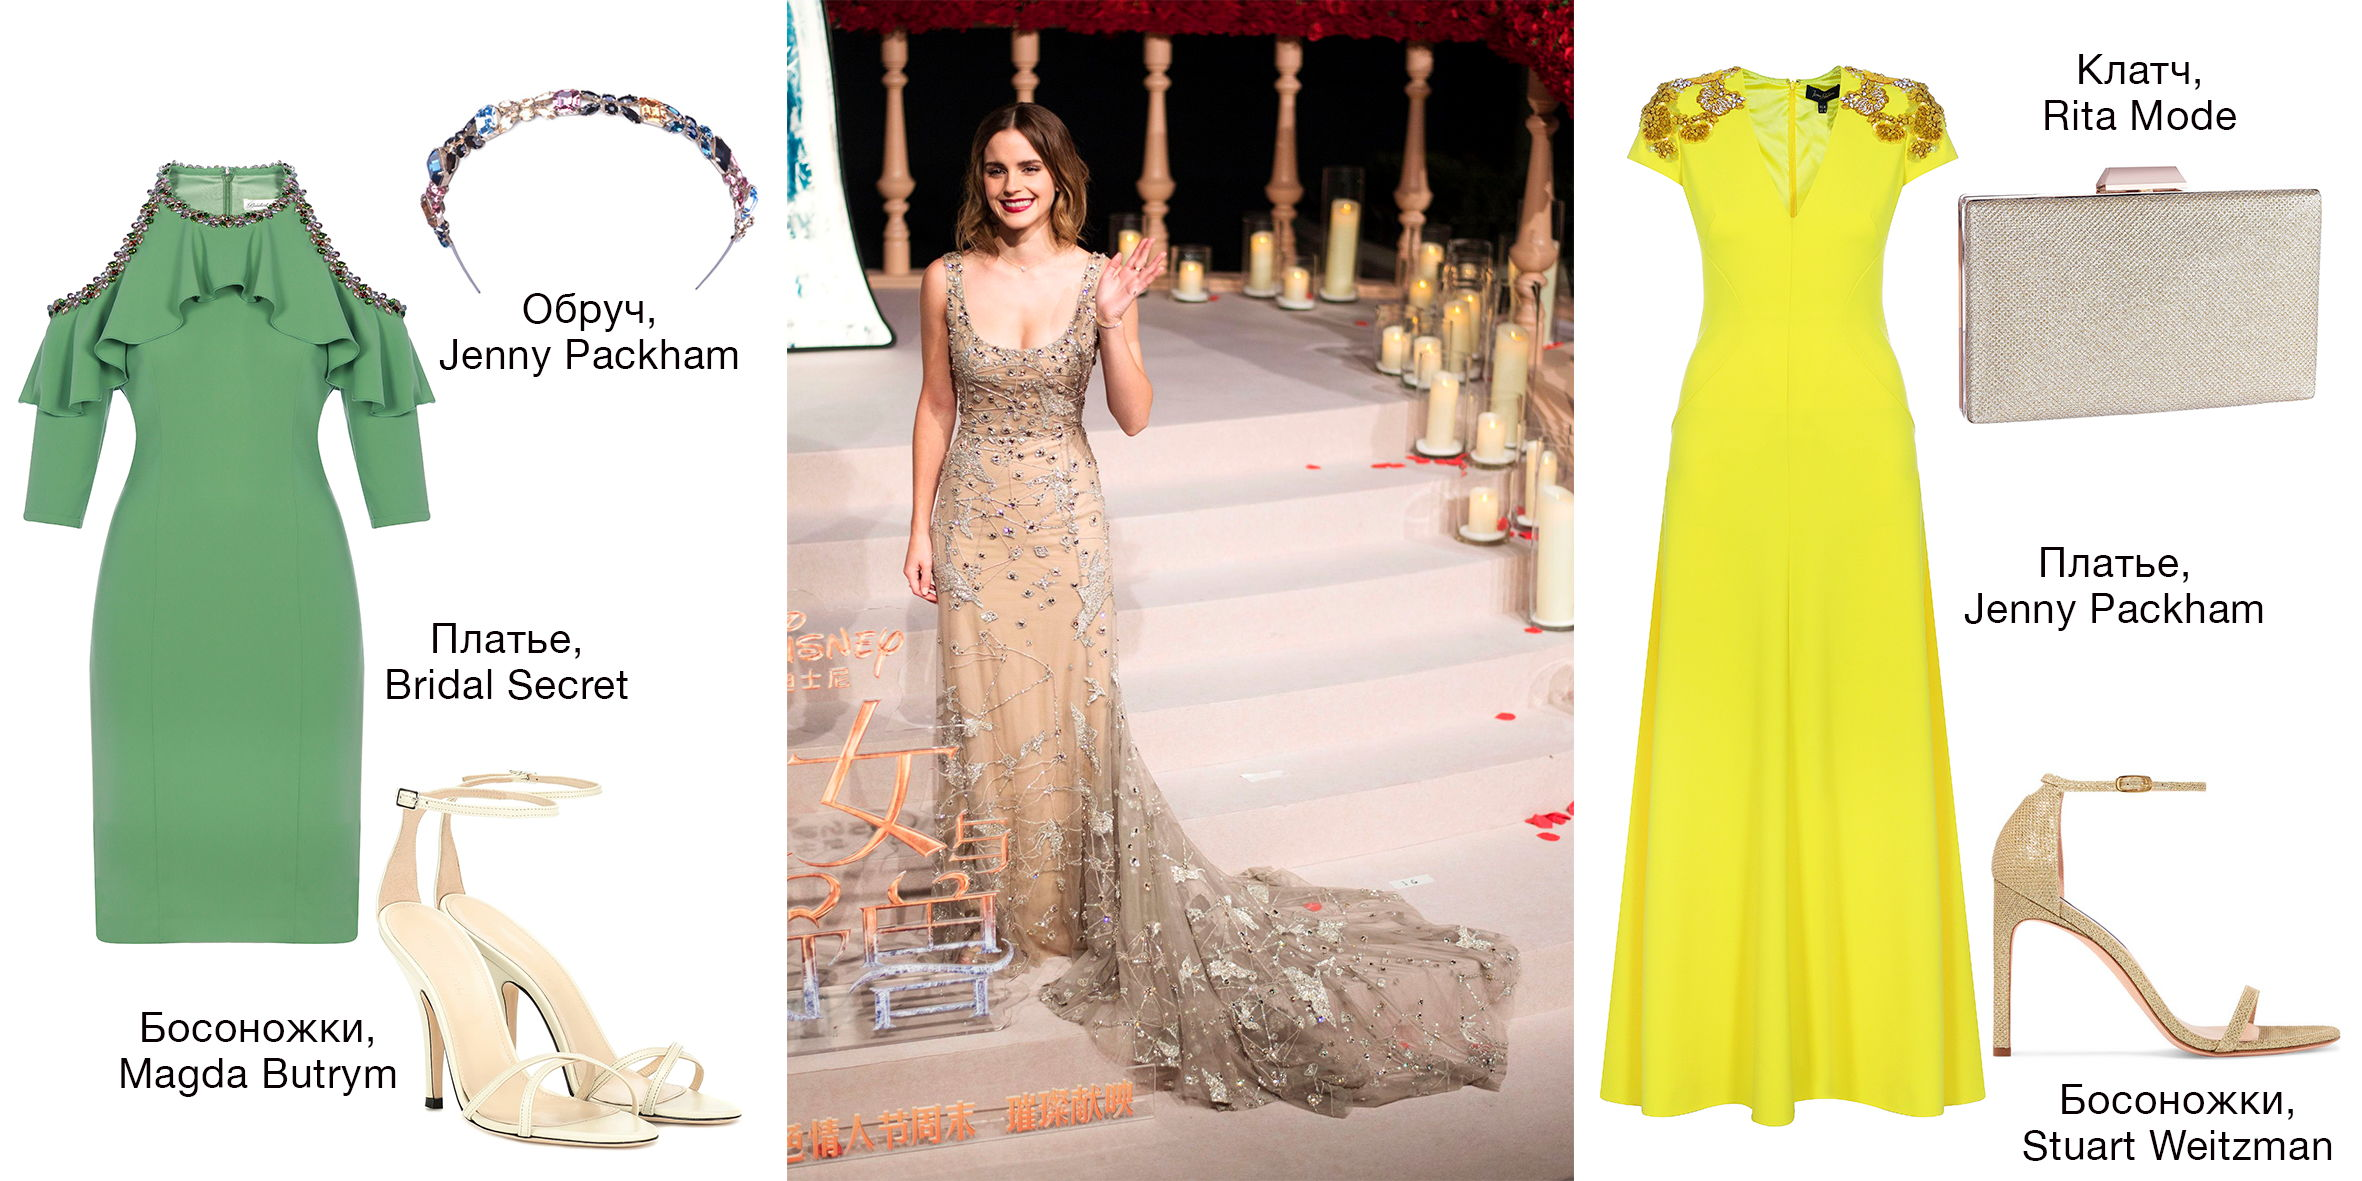 Как у звезд: выбираем идеальное платье на выпускной-Фото 3